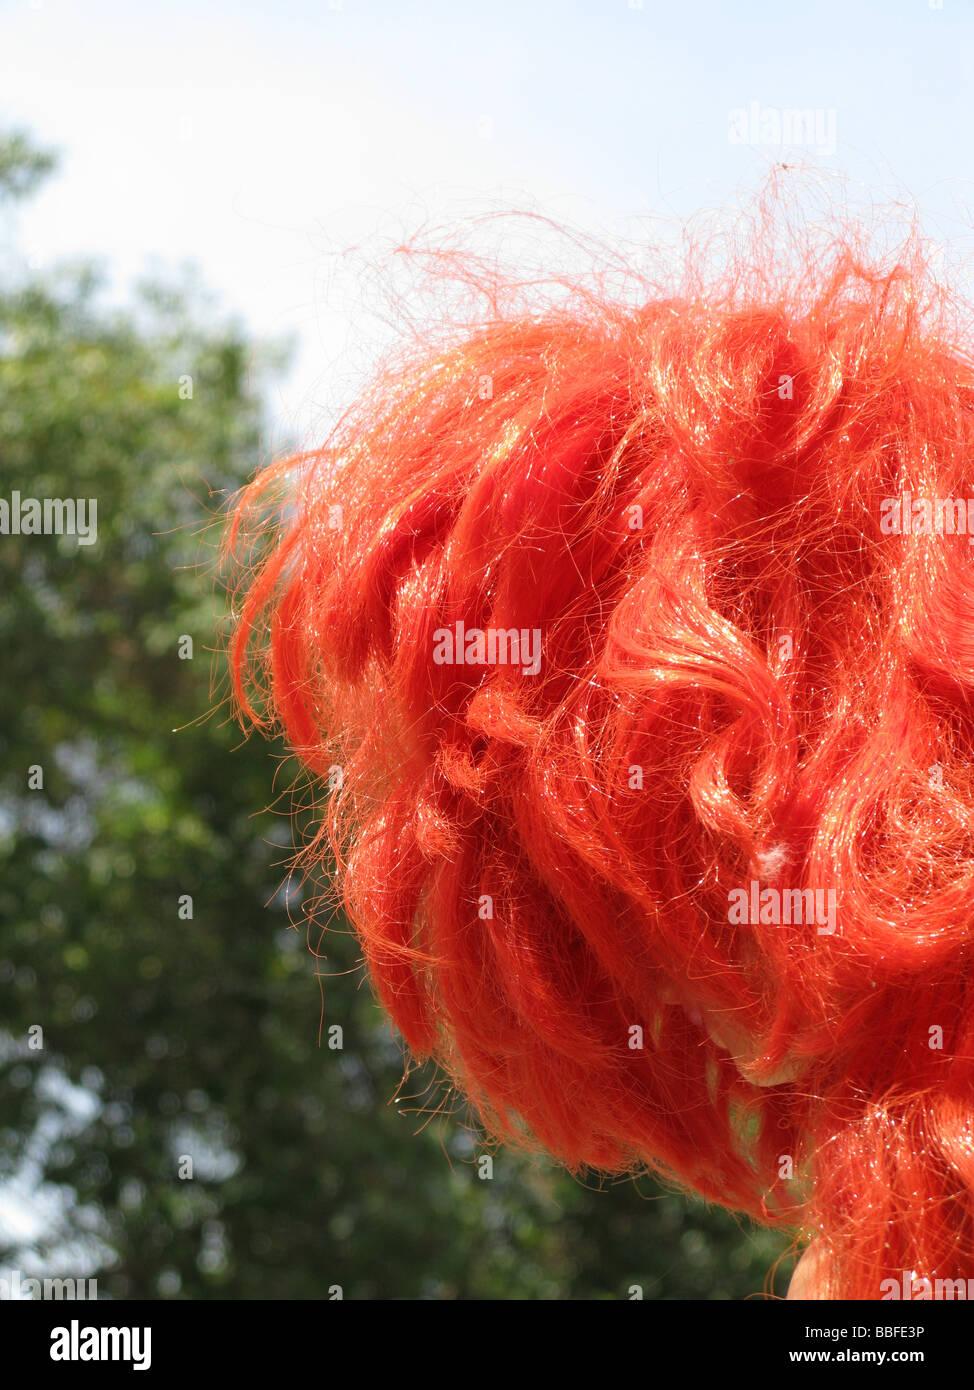 Niña muñeca con cabello rojo brillante en la calle de la ciudad Imagen De Stock